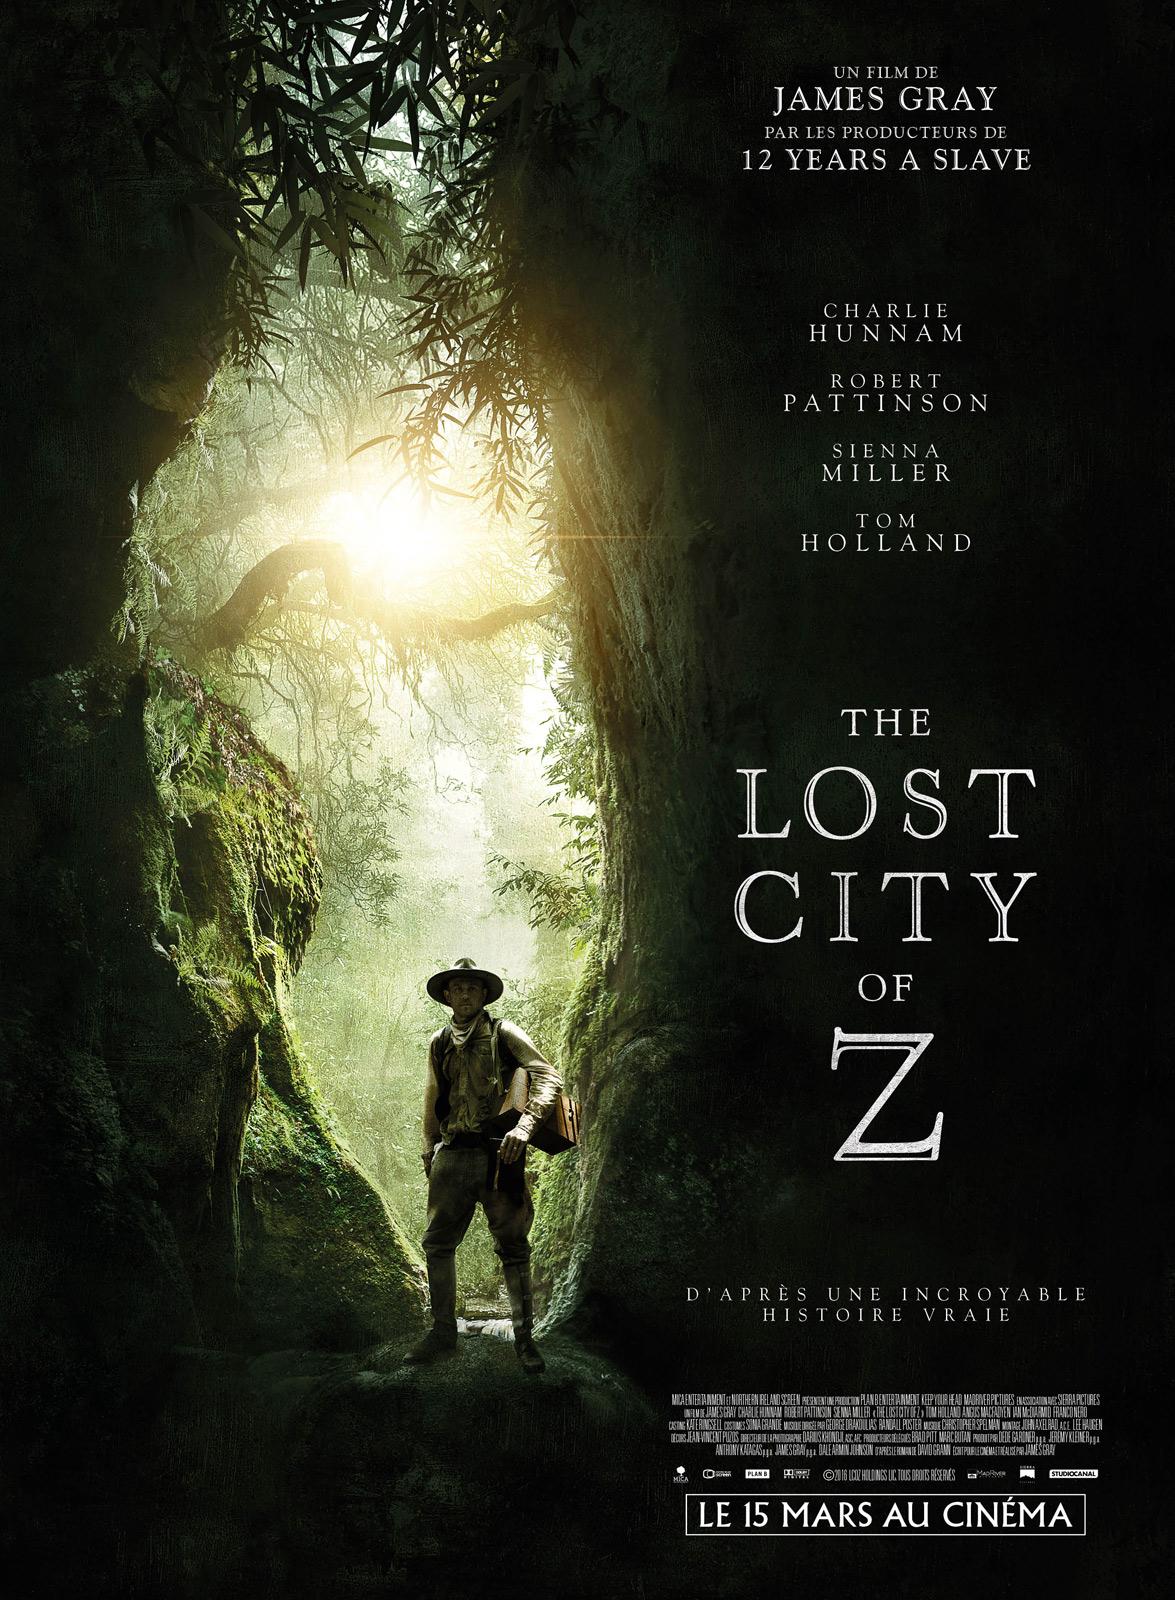 Achat The Lost City of Z en DVD - AlloCiné